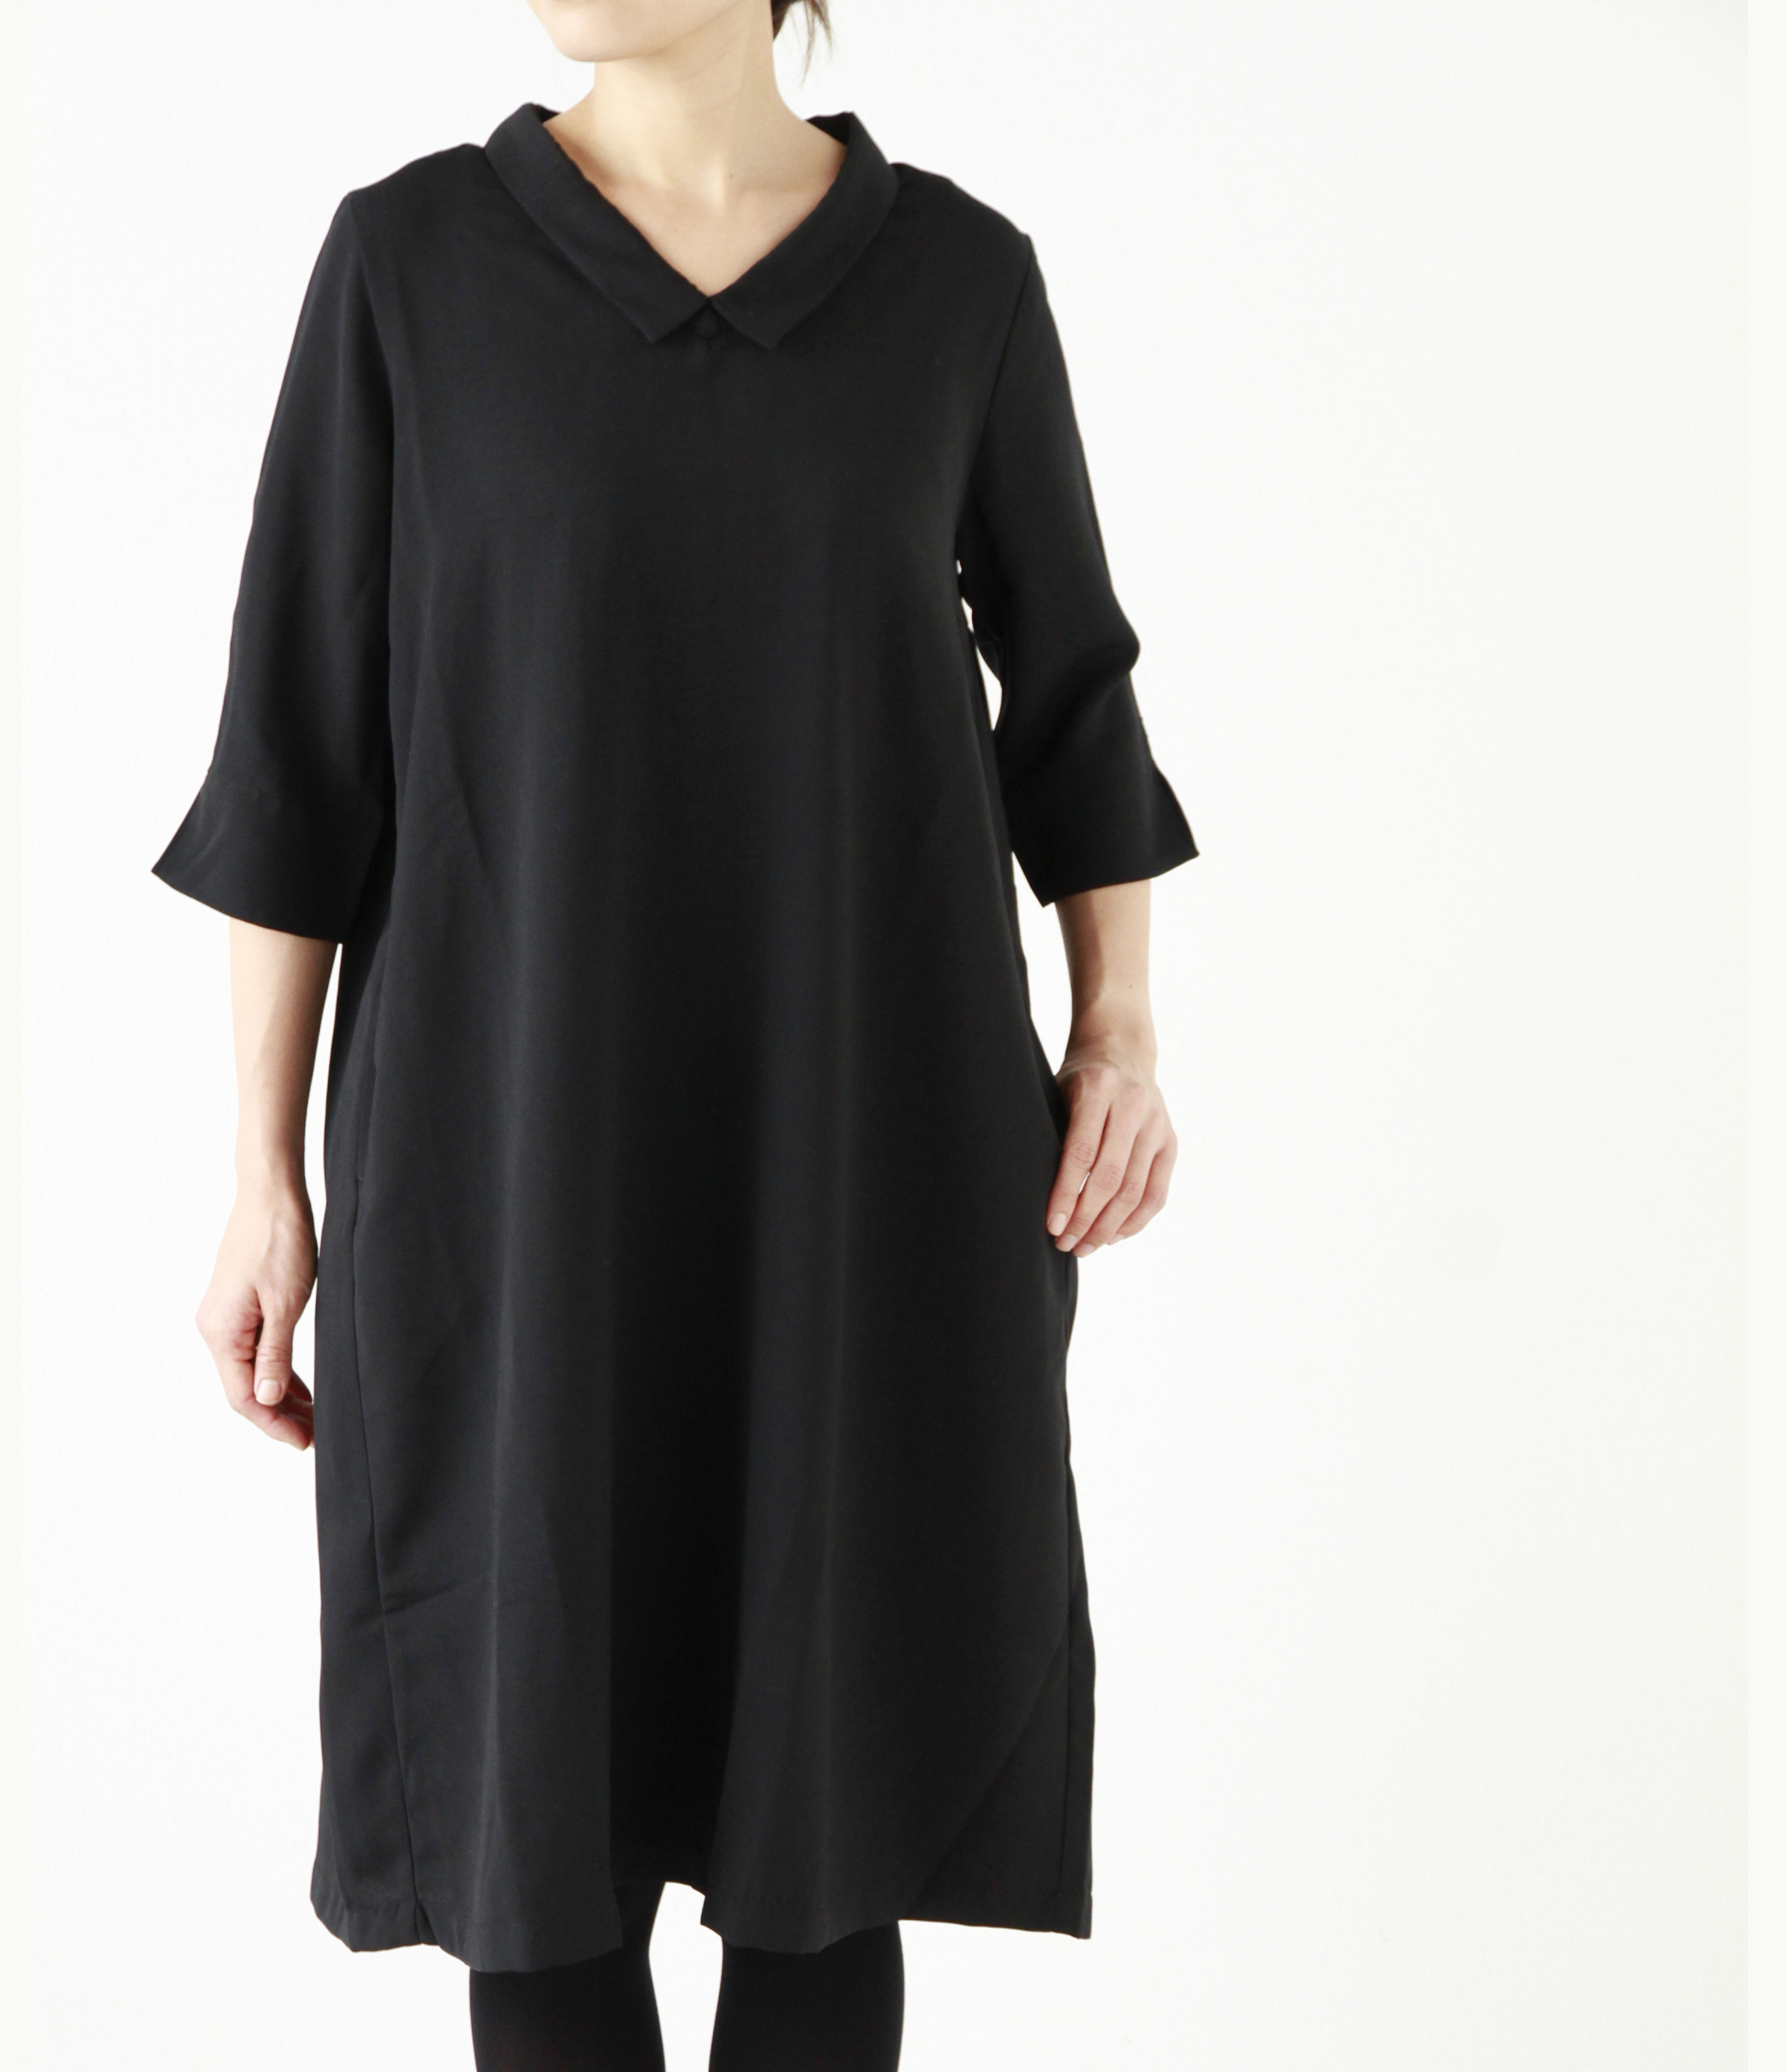 シルエットにこだわったシンプルなナチュラル服で、大人っぽくシックな着こなし